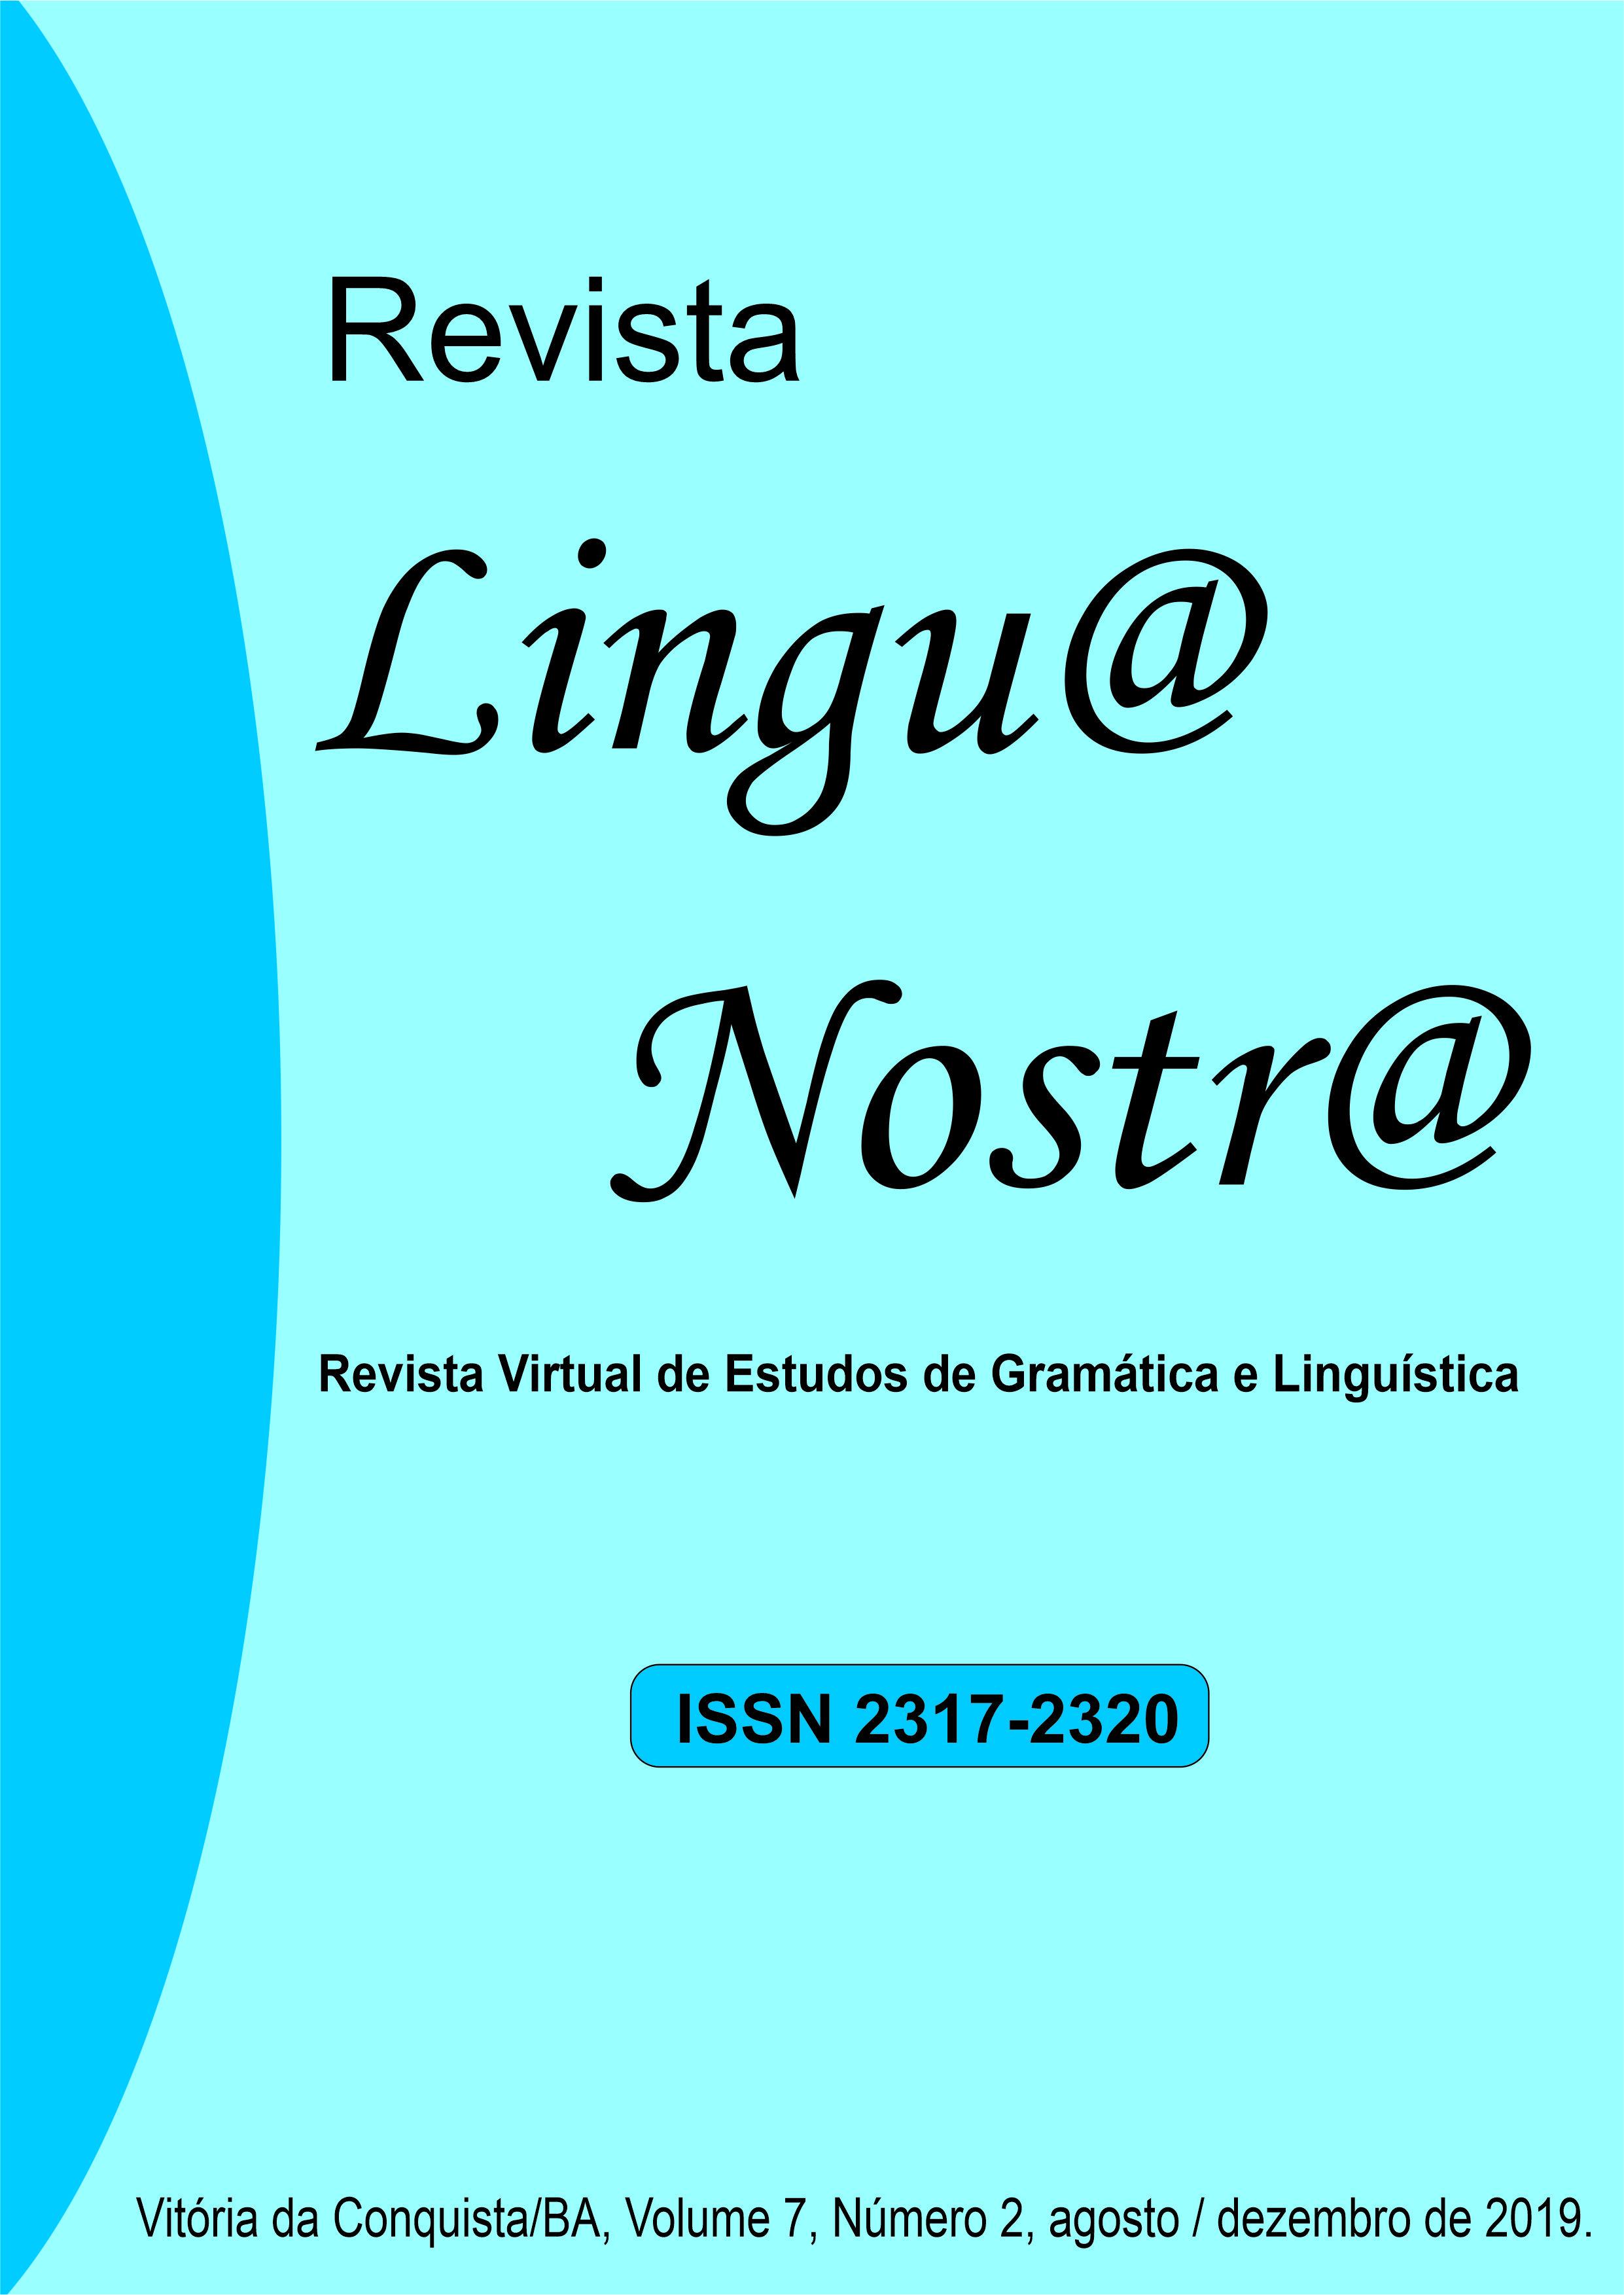 Visualizar v. 6 n. 2 (2019): 13ª Edição da Revista Lingu@ Nostr@